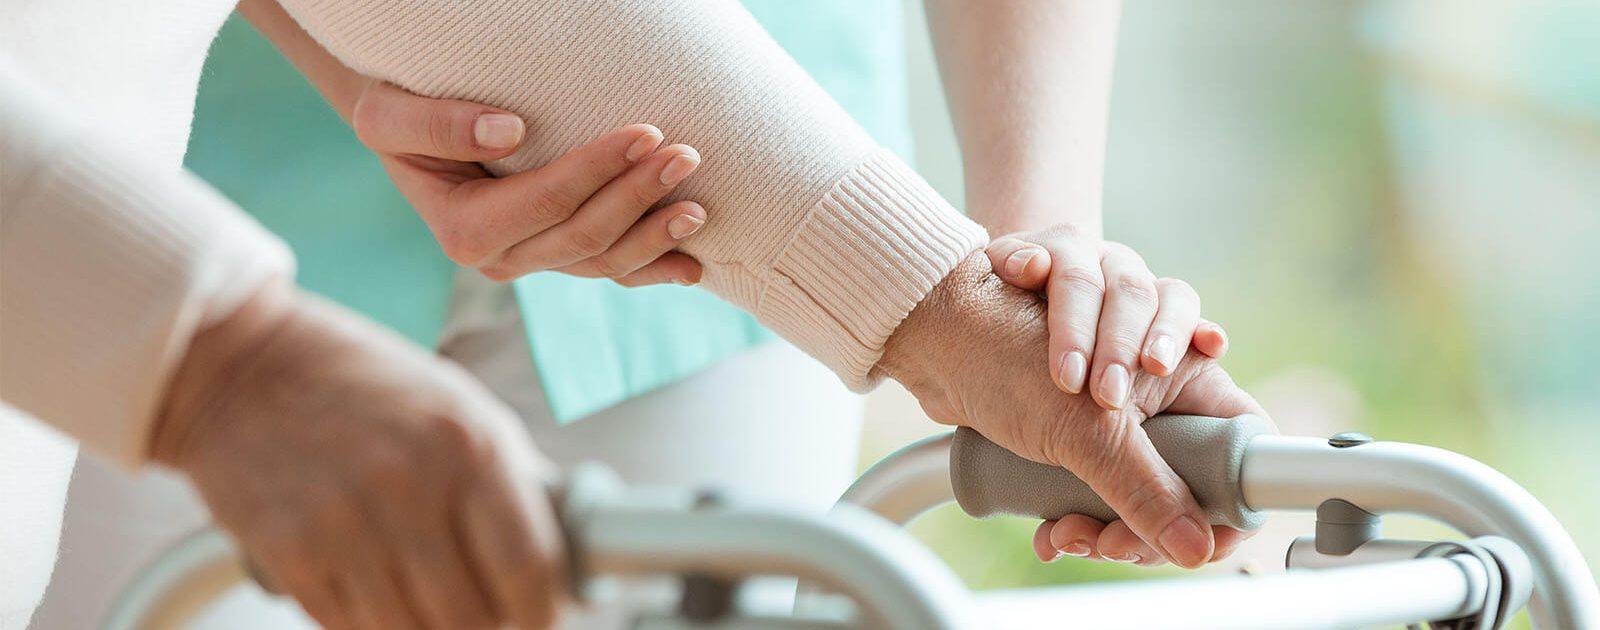 Ältere Frau muss sich aufgrund ihrer ausgeprägten Parkinson-Symptome auf eine Gehhilfe stützen.